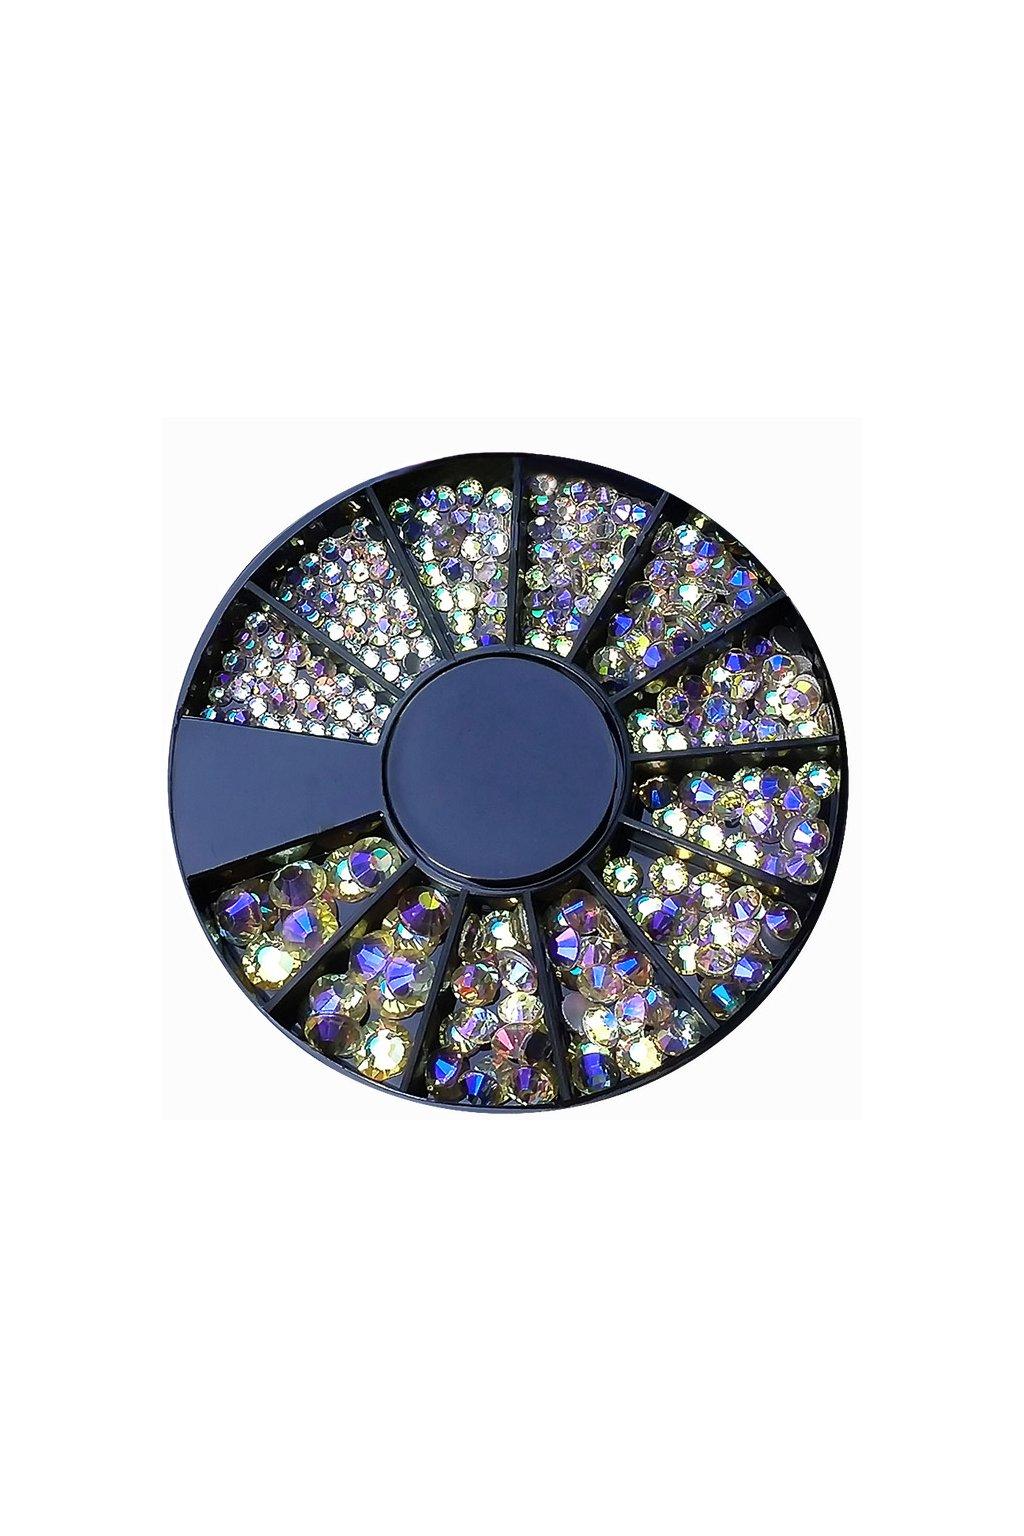 22511 karusel kaminku crystal ab